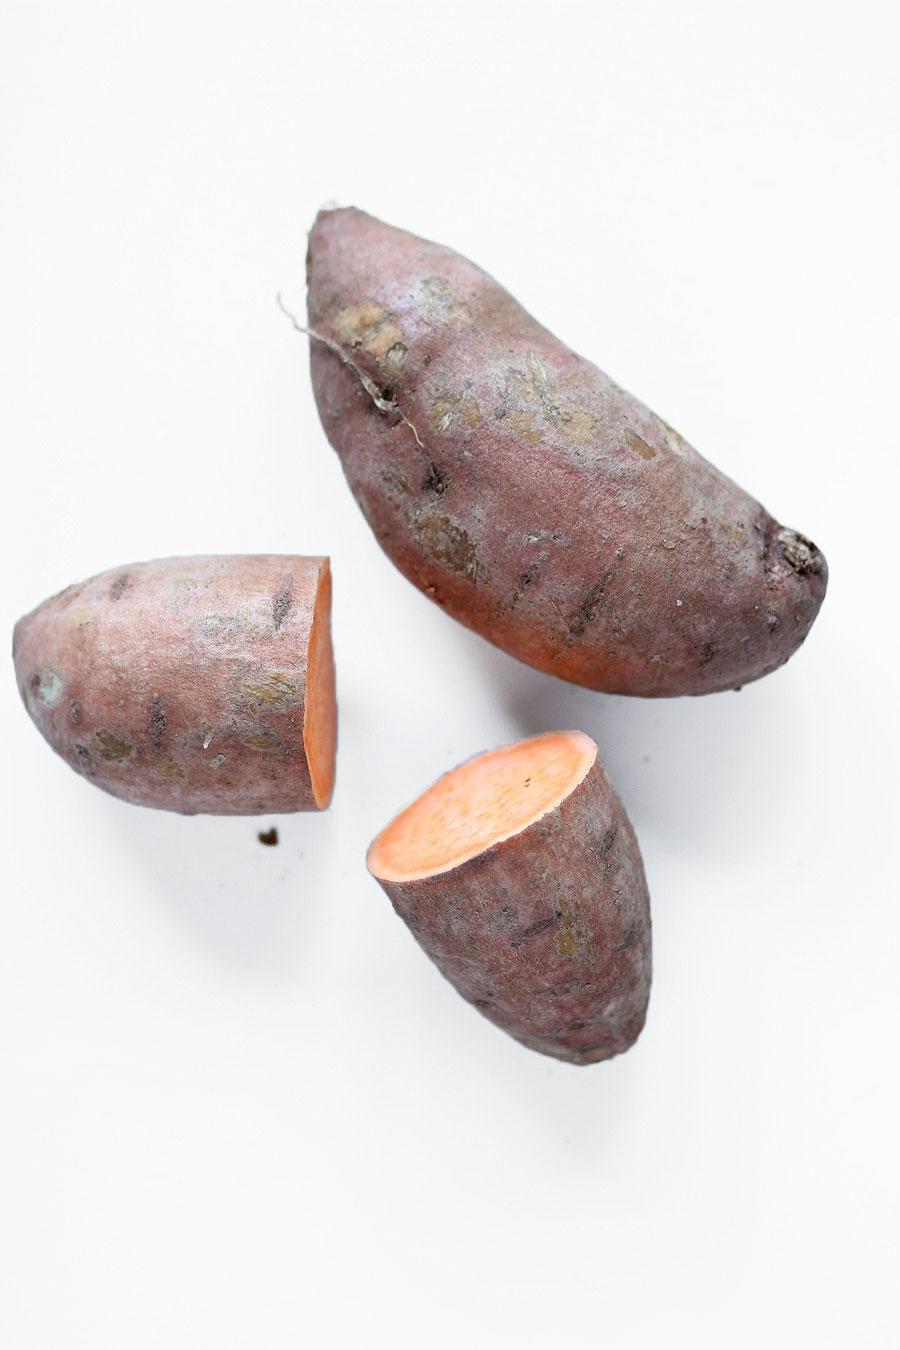 kitchen essentials zoete aardappel